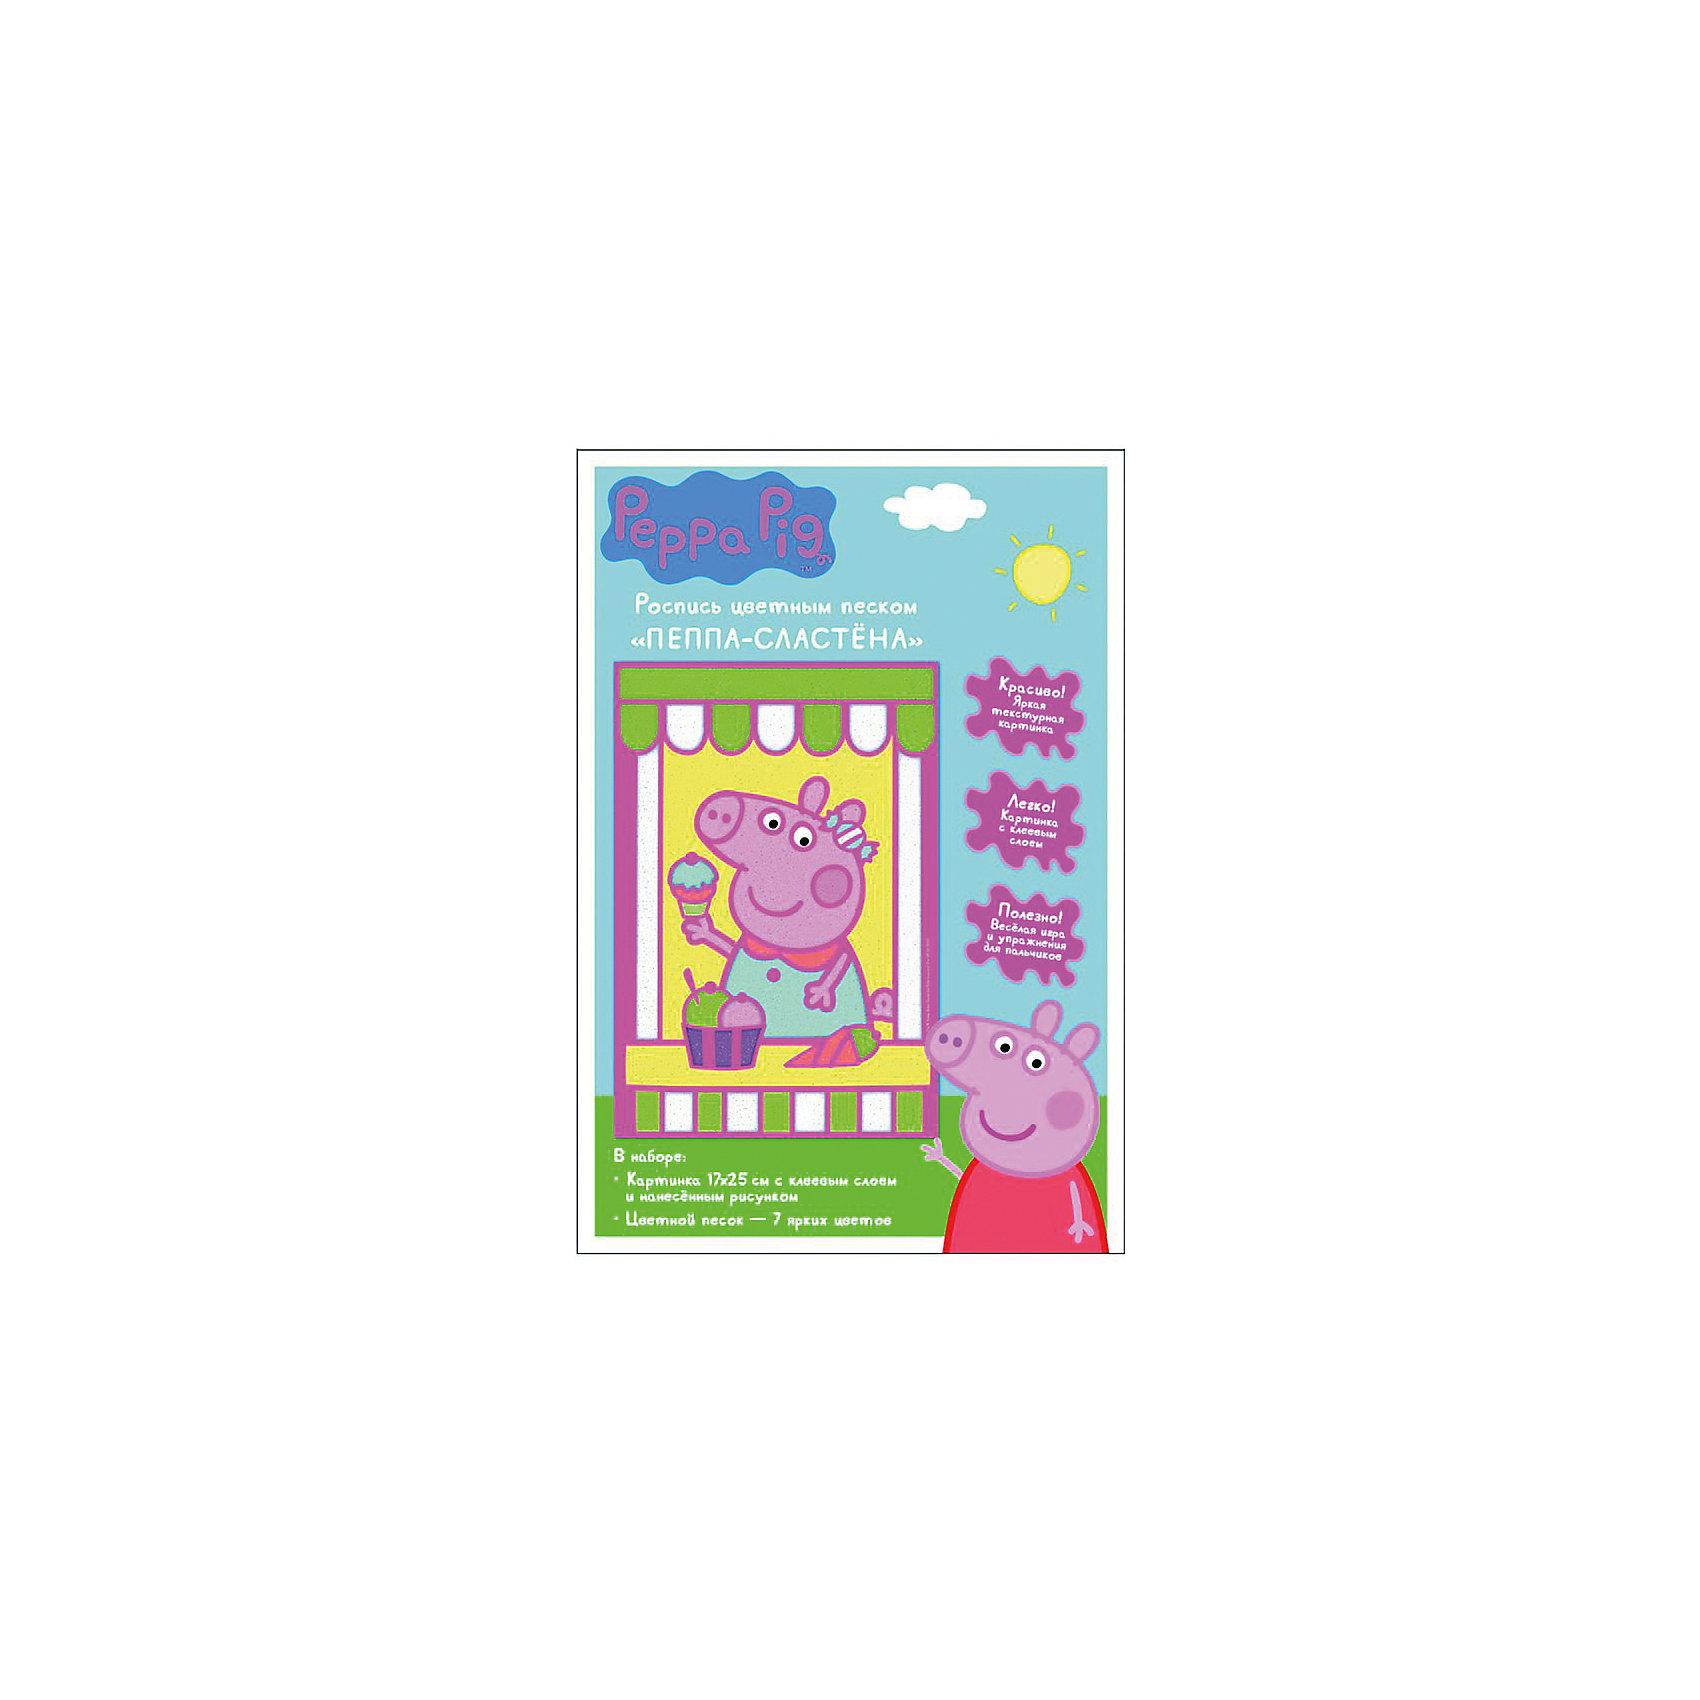 Роспись цветным песком Пеппа-сластена, Peppa PigПредложите малышу провести время весело и с пользой – раскрасить картинку цветным песком. Эта увлекательная игра – отличное упражнение для пальчиков: тренирует тонкую пальцевую моторику и координацию мелких движений, а также развивает внимание и цветовосприятие. Чтобы песком было удобнее пользоваться, высыпьте его в плоские емкости или на листы бумаги, создав своеобразную палитру. Выберите деталь и снимите с нее защитный слой бумаги (контур отклеивать не надо!). Насыпьте песок на клеевую часть и разотрите пальчиком. Оставшийся песок высыпьте обратно в «палитру». Раскрашивайте картинку сверху вниз, смешивайте цвета для получения новых оттенков. И в результате у вас получится красочная текстурная картинка. В наборе для росписи цветным песком «Пеппа-сластена» ТМ «Peppa Pig»: картонная основа (17х25 см) с нанесенным рисунком и клеевым слоем, 8 ярких цветов песка в пакетиках по 5 г. Набор изготовлен из картона, бумаги и цветного песка. Товар сертифицирован. 3+. Срок годности – 5 лет.<br><br>Ширина мм: 252<br>Глубина мм: 170<br>Высота мм: 80<br>Вес г: 90<br>Возраст от месяцев: 84<br>Возраст до месяцев: 2147483647<br>Пол: Унисекс<br>Возраст: Детский<br>SKU: 5453429